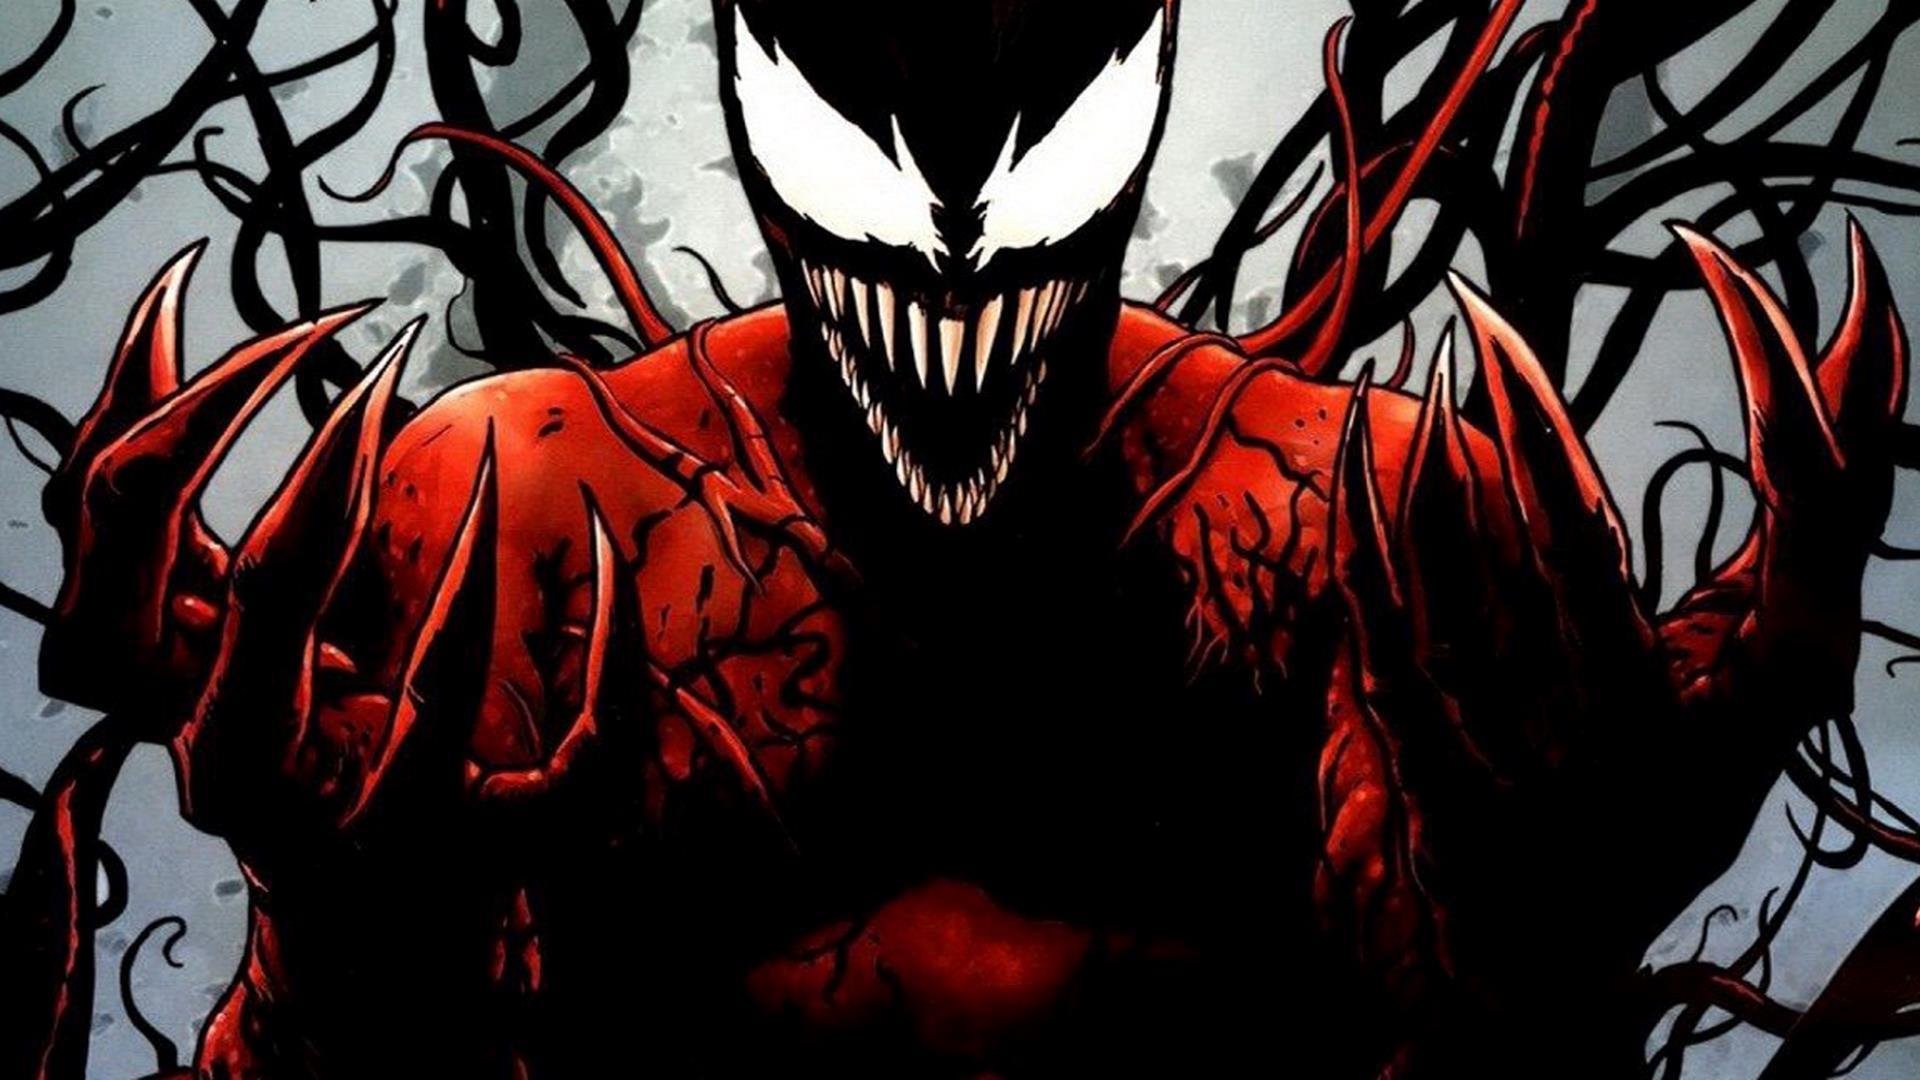 Venom 2: alcune immagini mostrano il (presunto) aspetto di Carnage